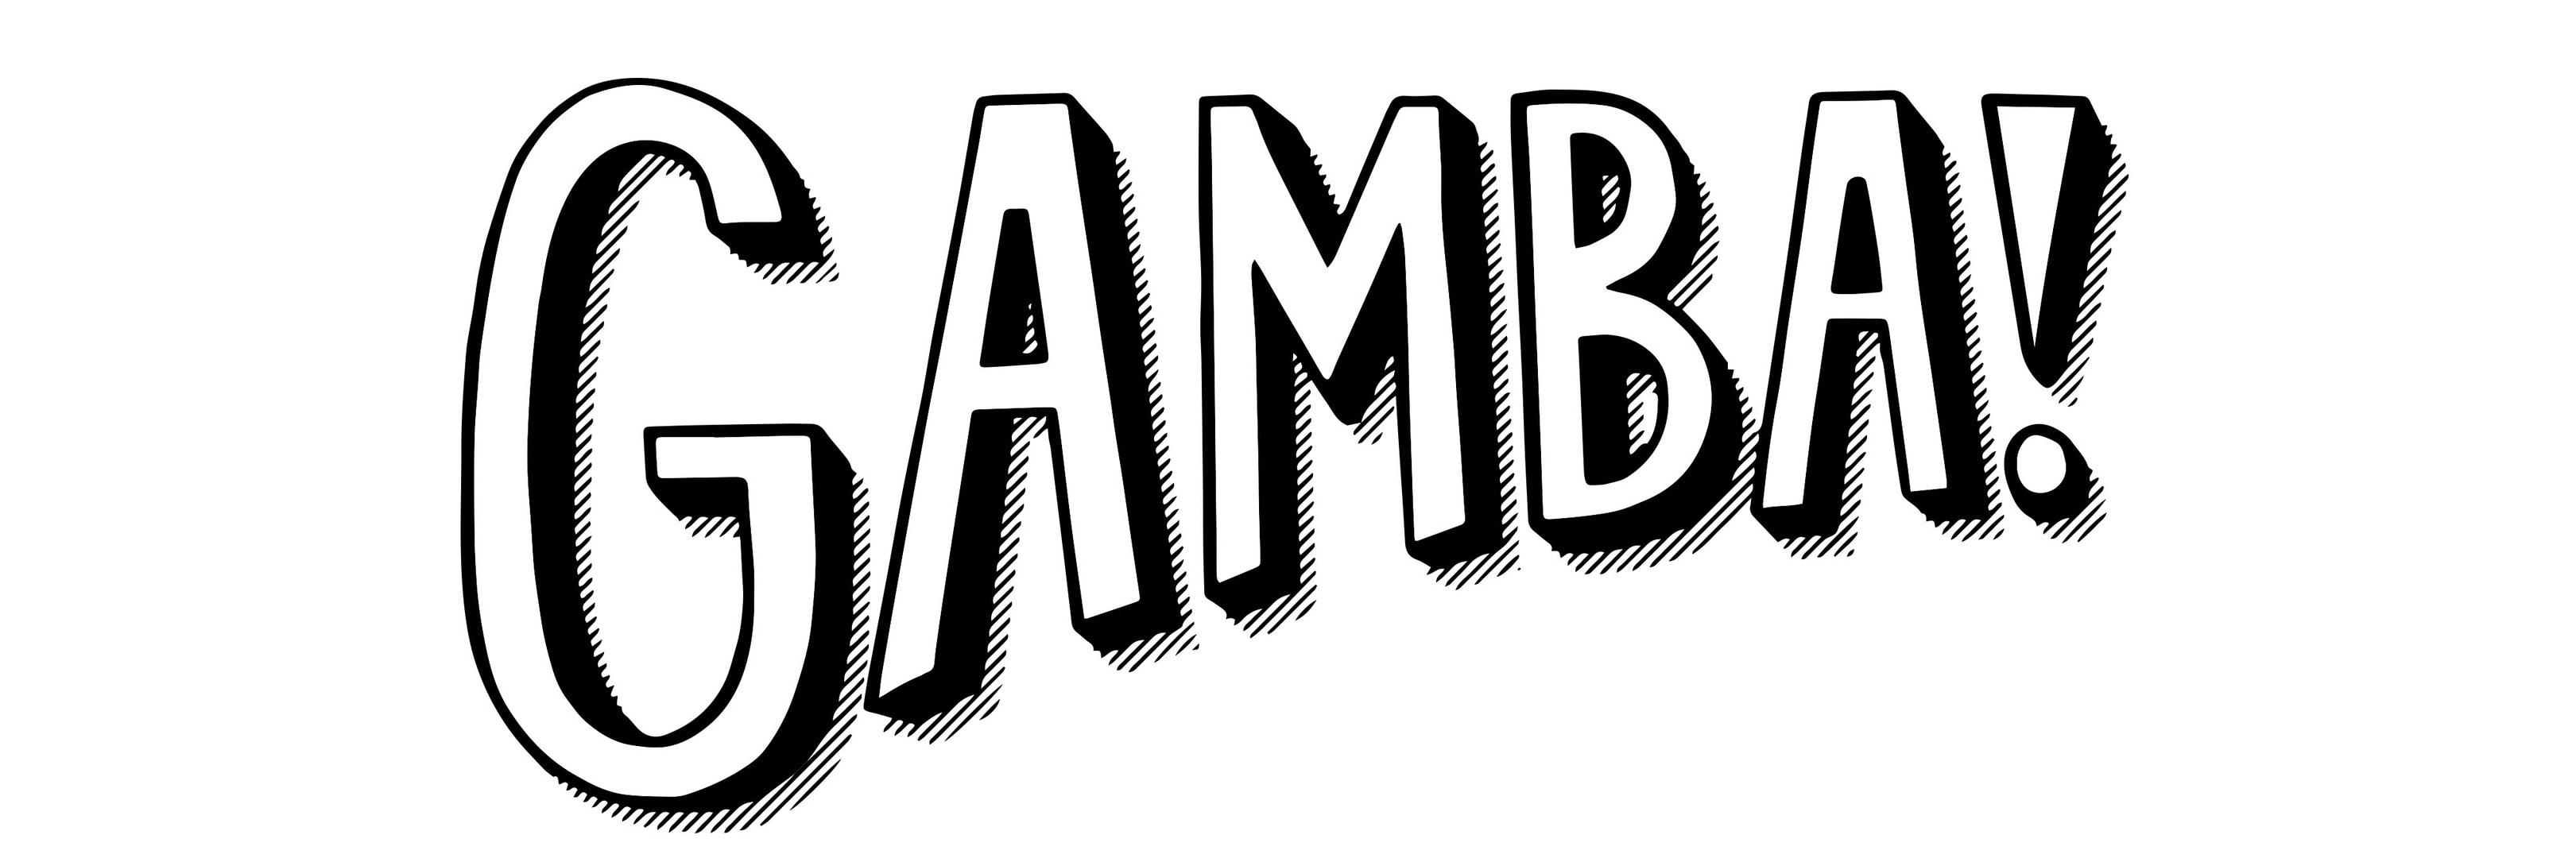 gamba-header